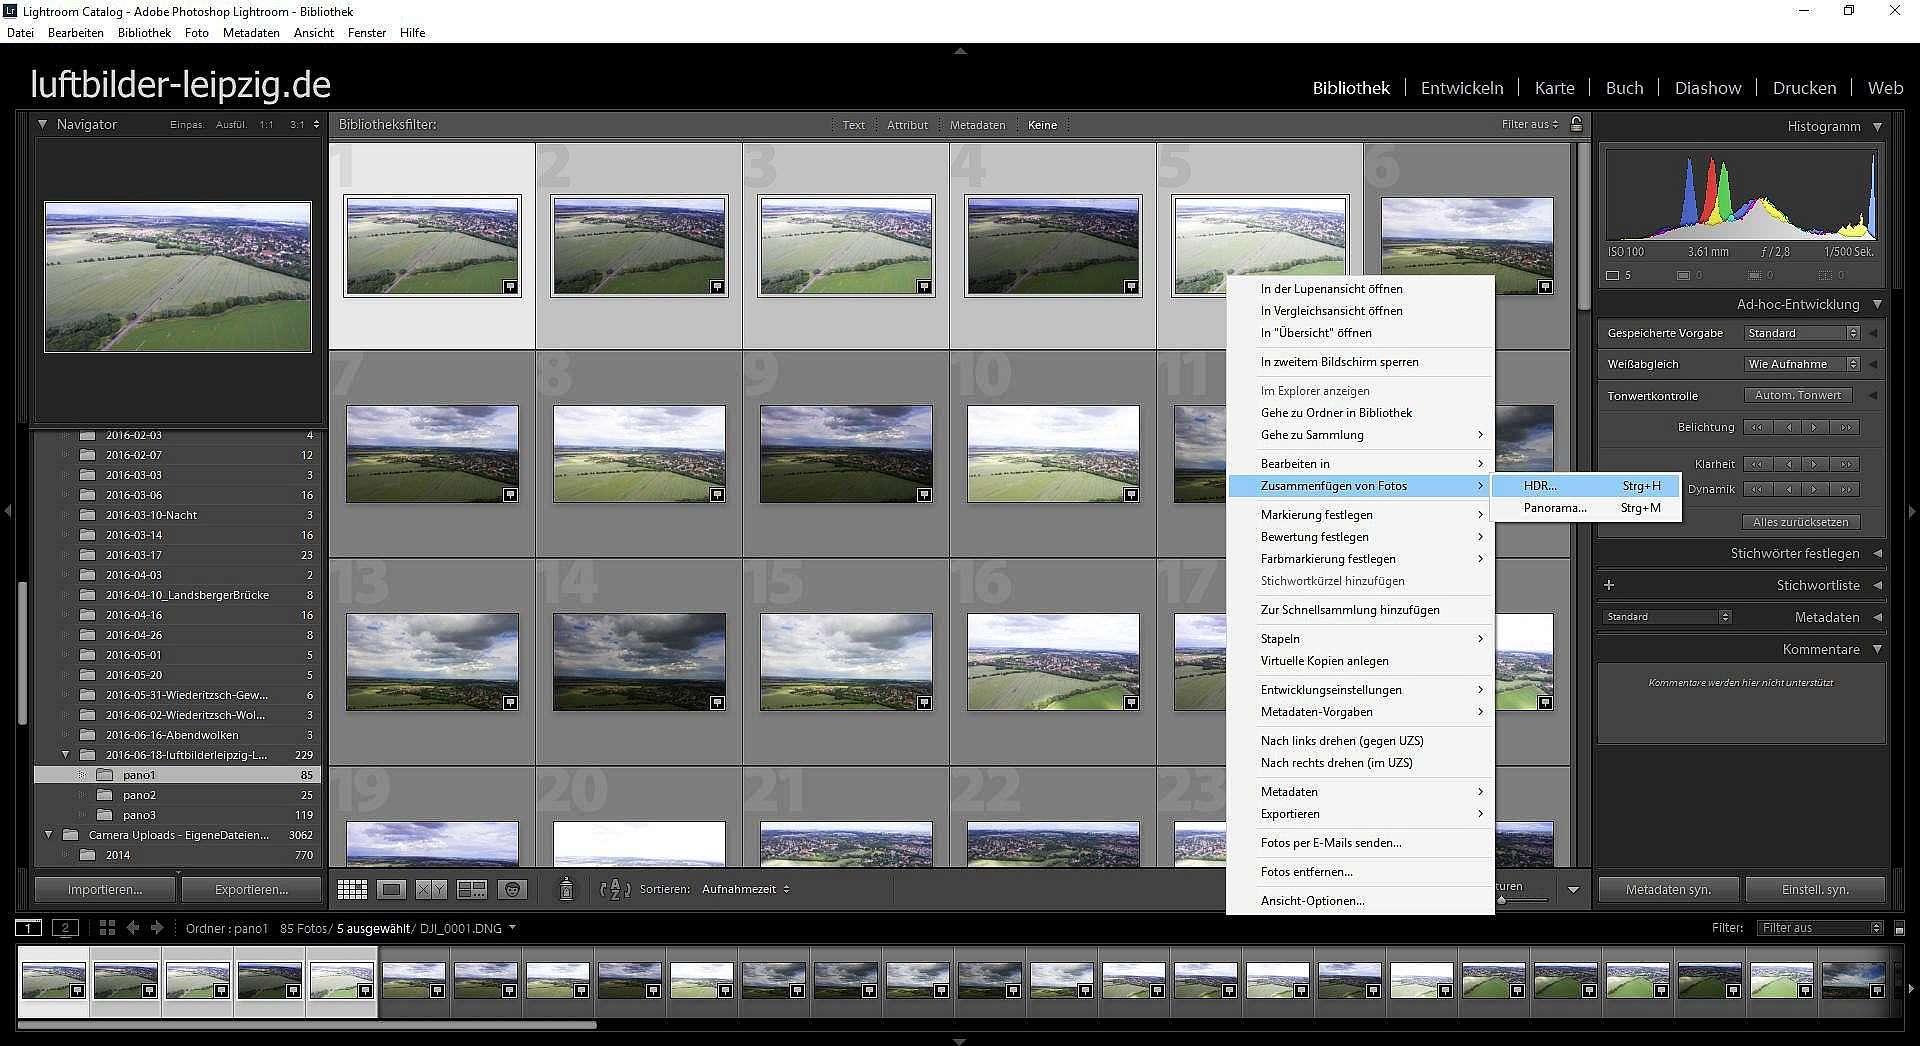 Luftbildpanorama Erstellen - HDR Modus aufrufen